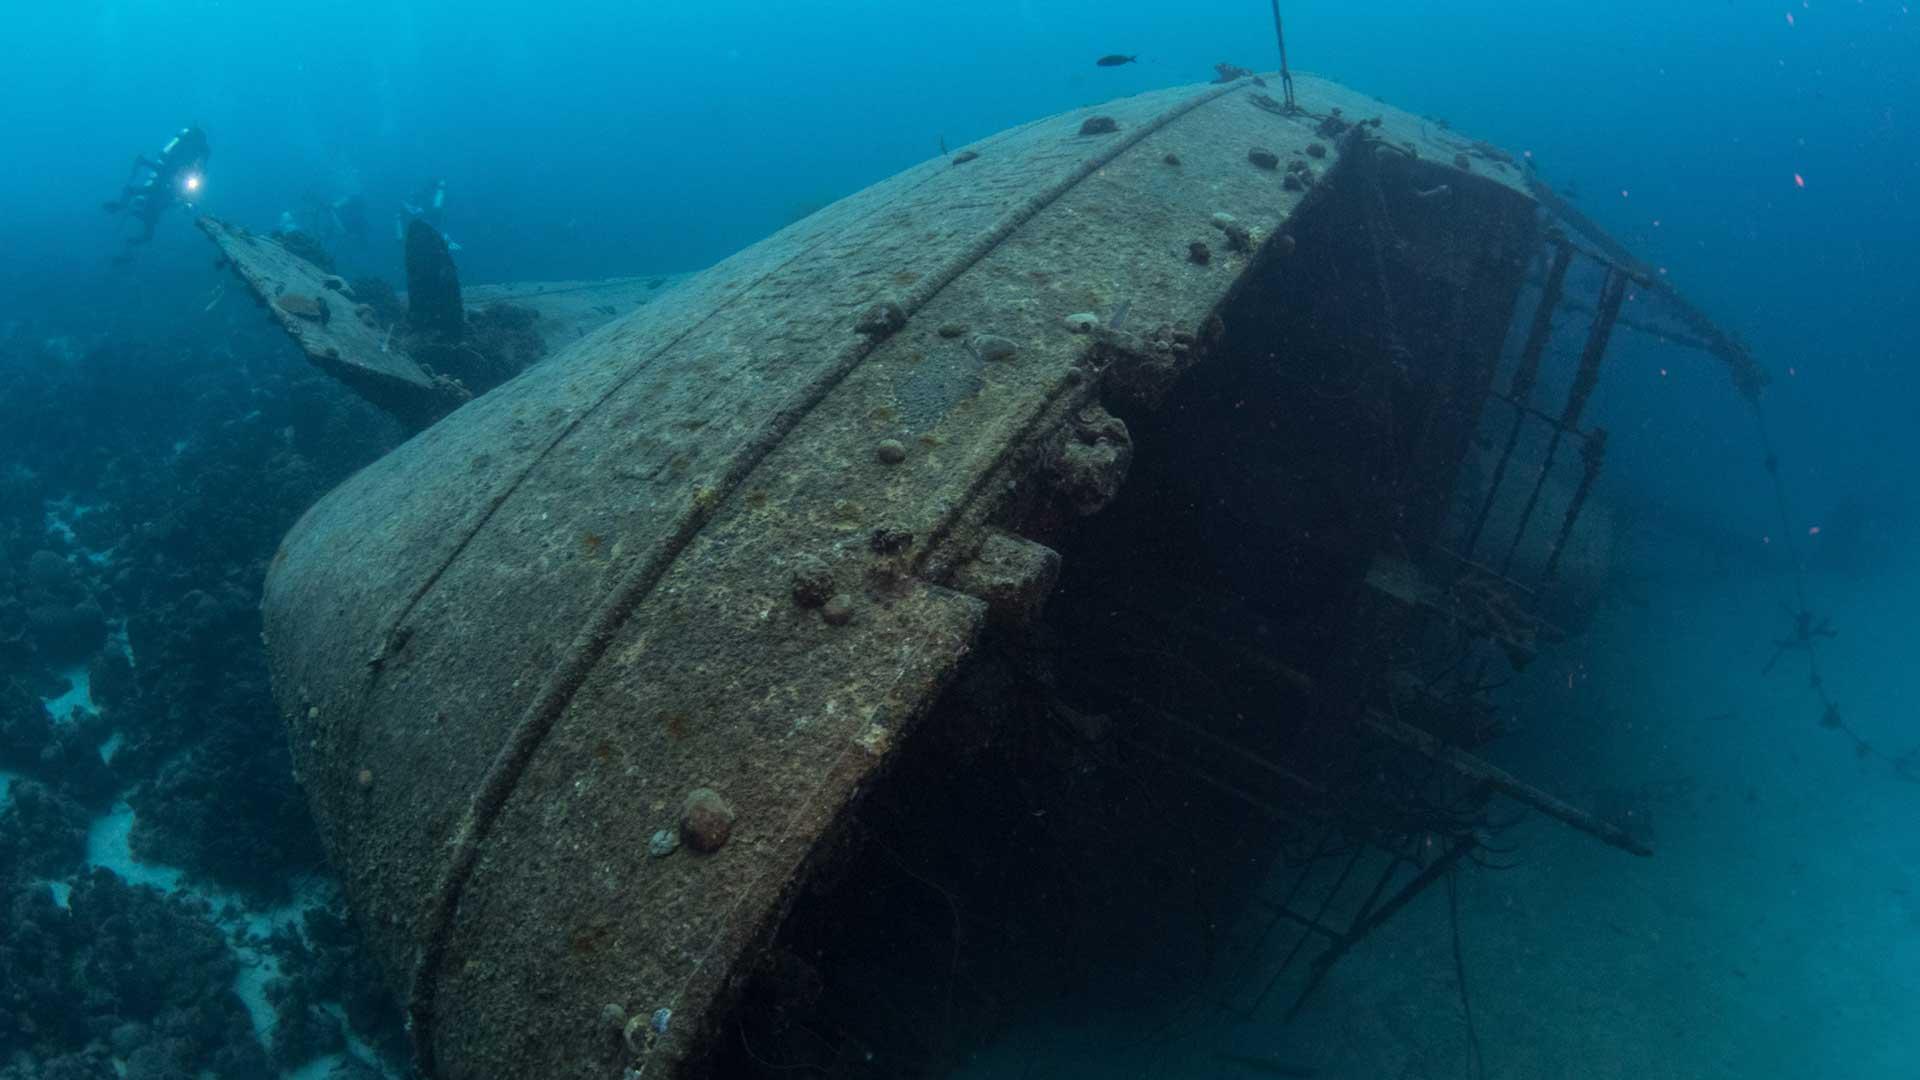 imagem-destacada-hilma-hooker-o-cargueiro-que-virou-local-de-mergulho